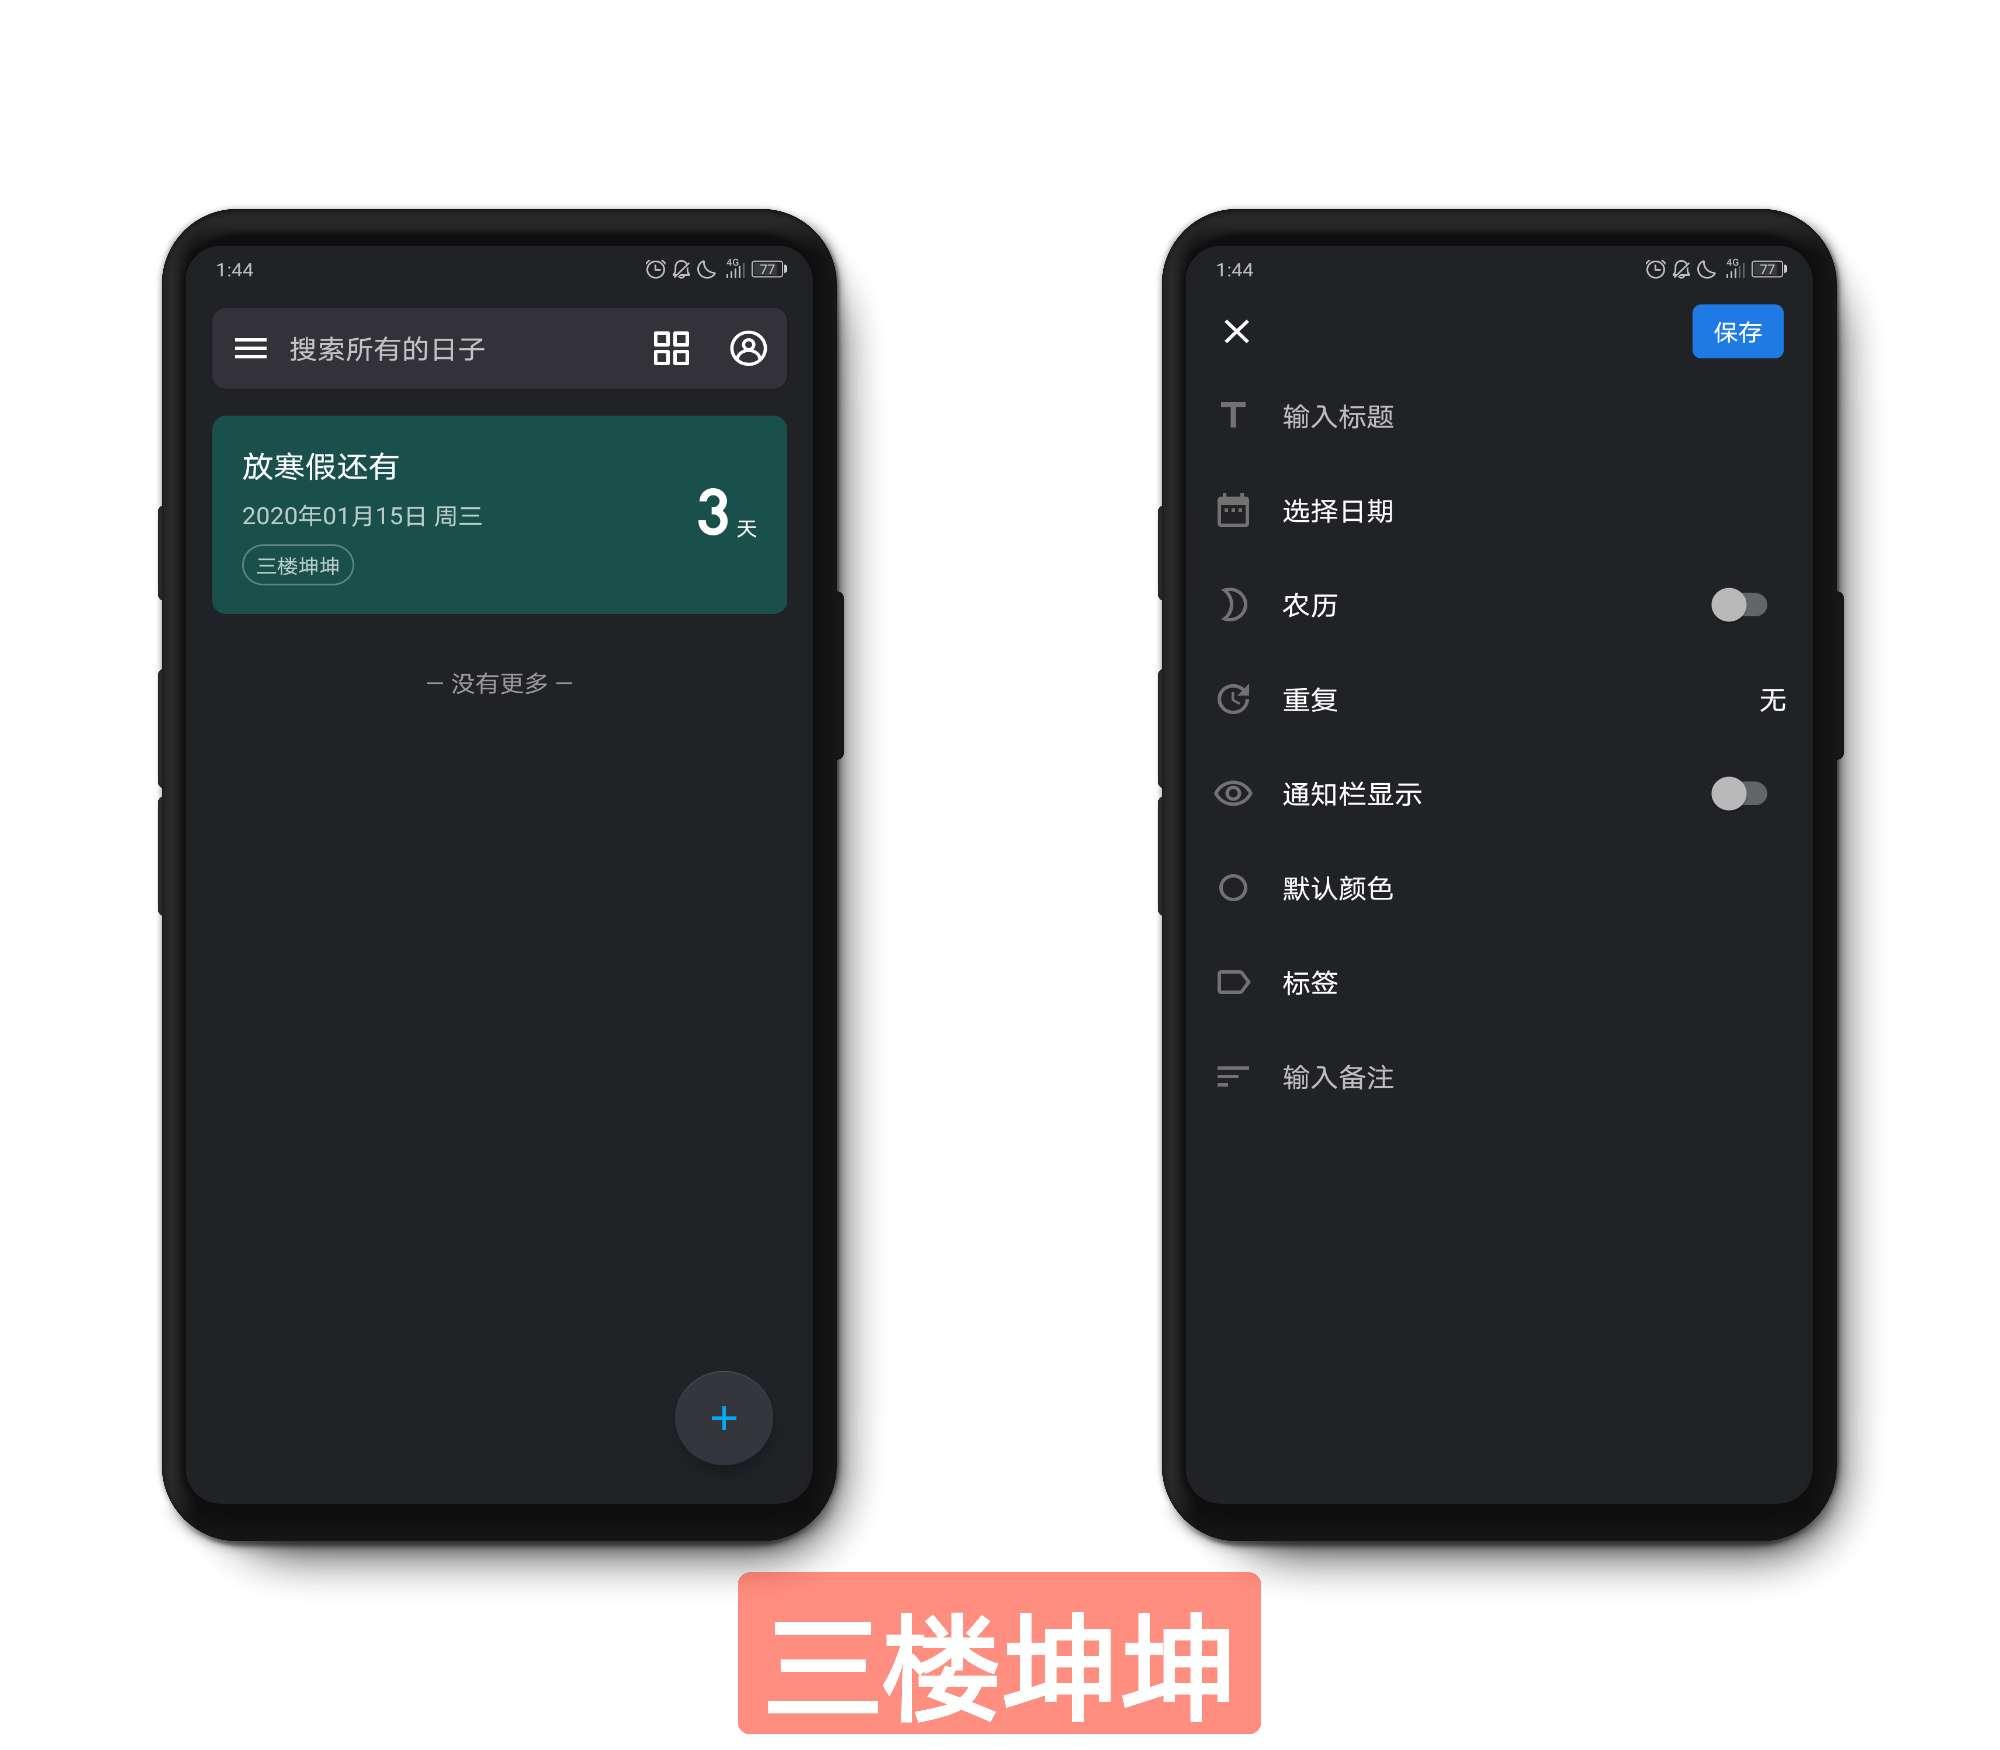 【合集】手机必备软件大杂烩/五款精品软件-爱小助